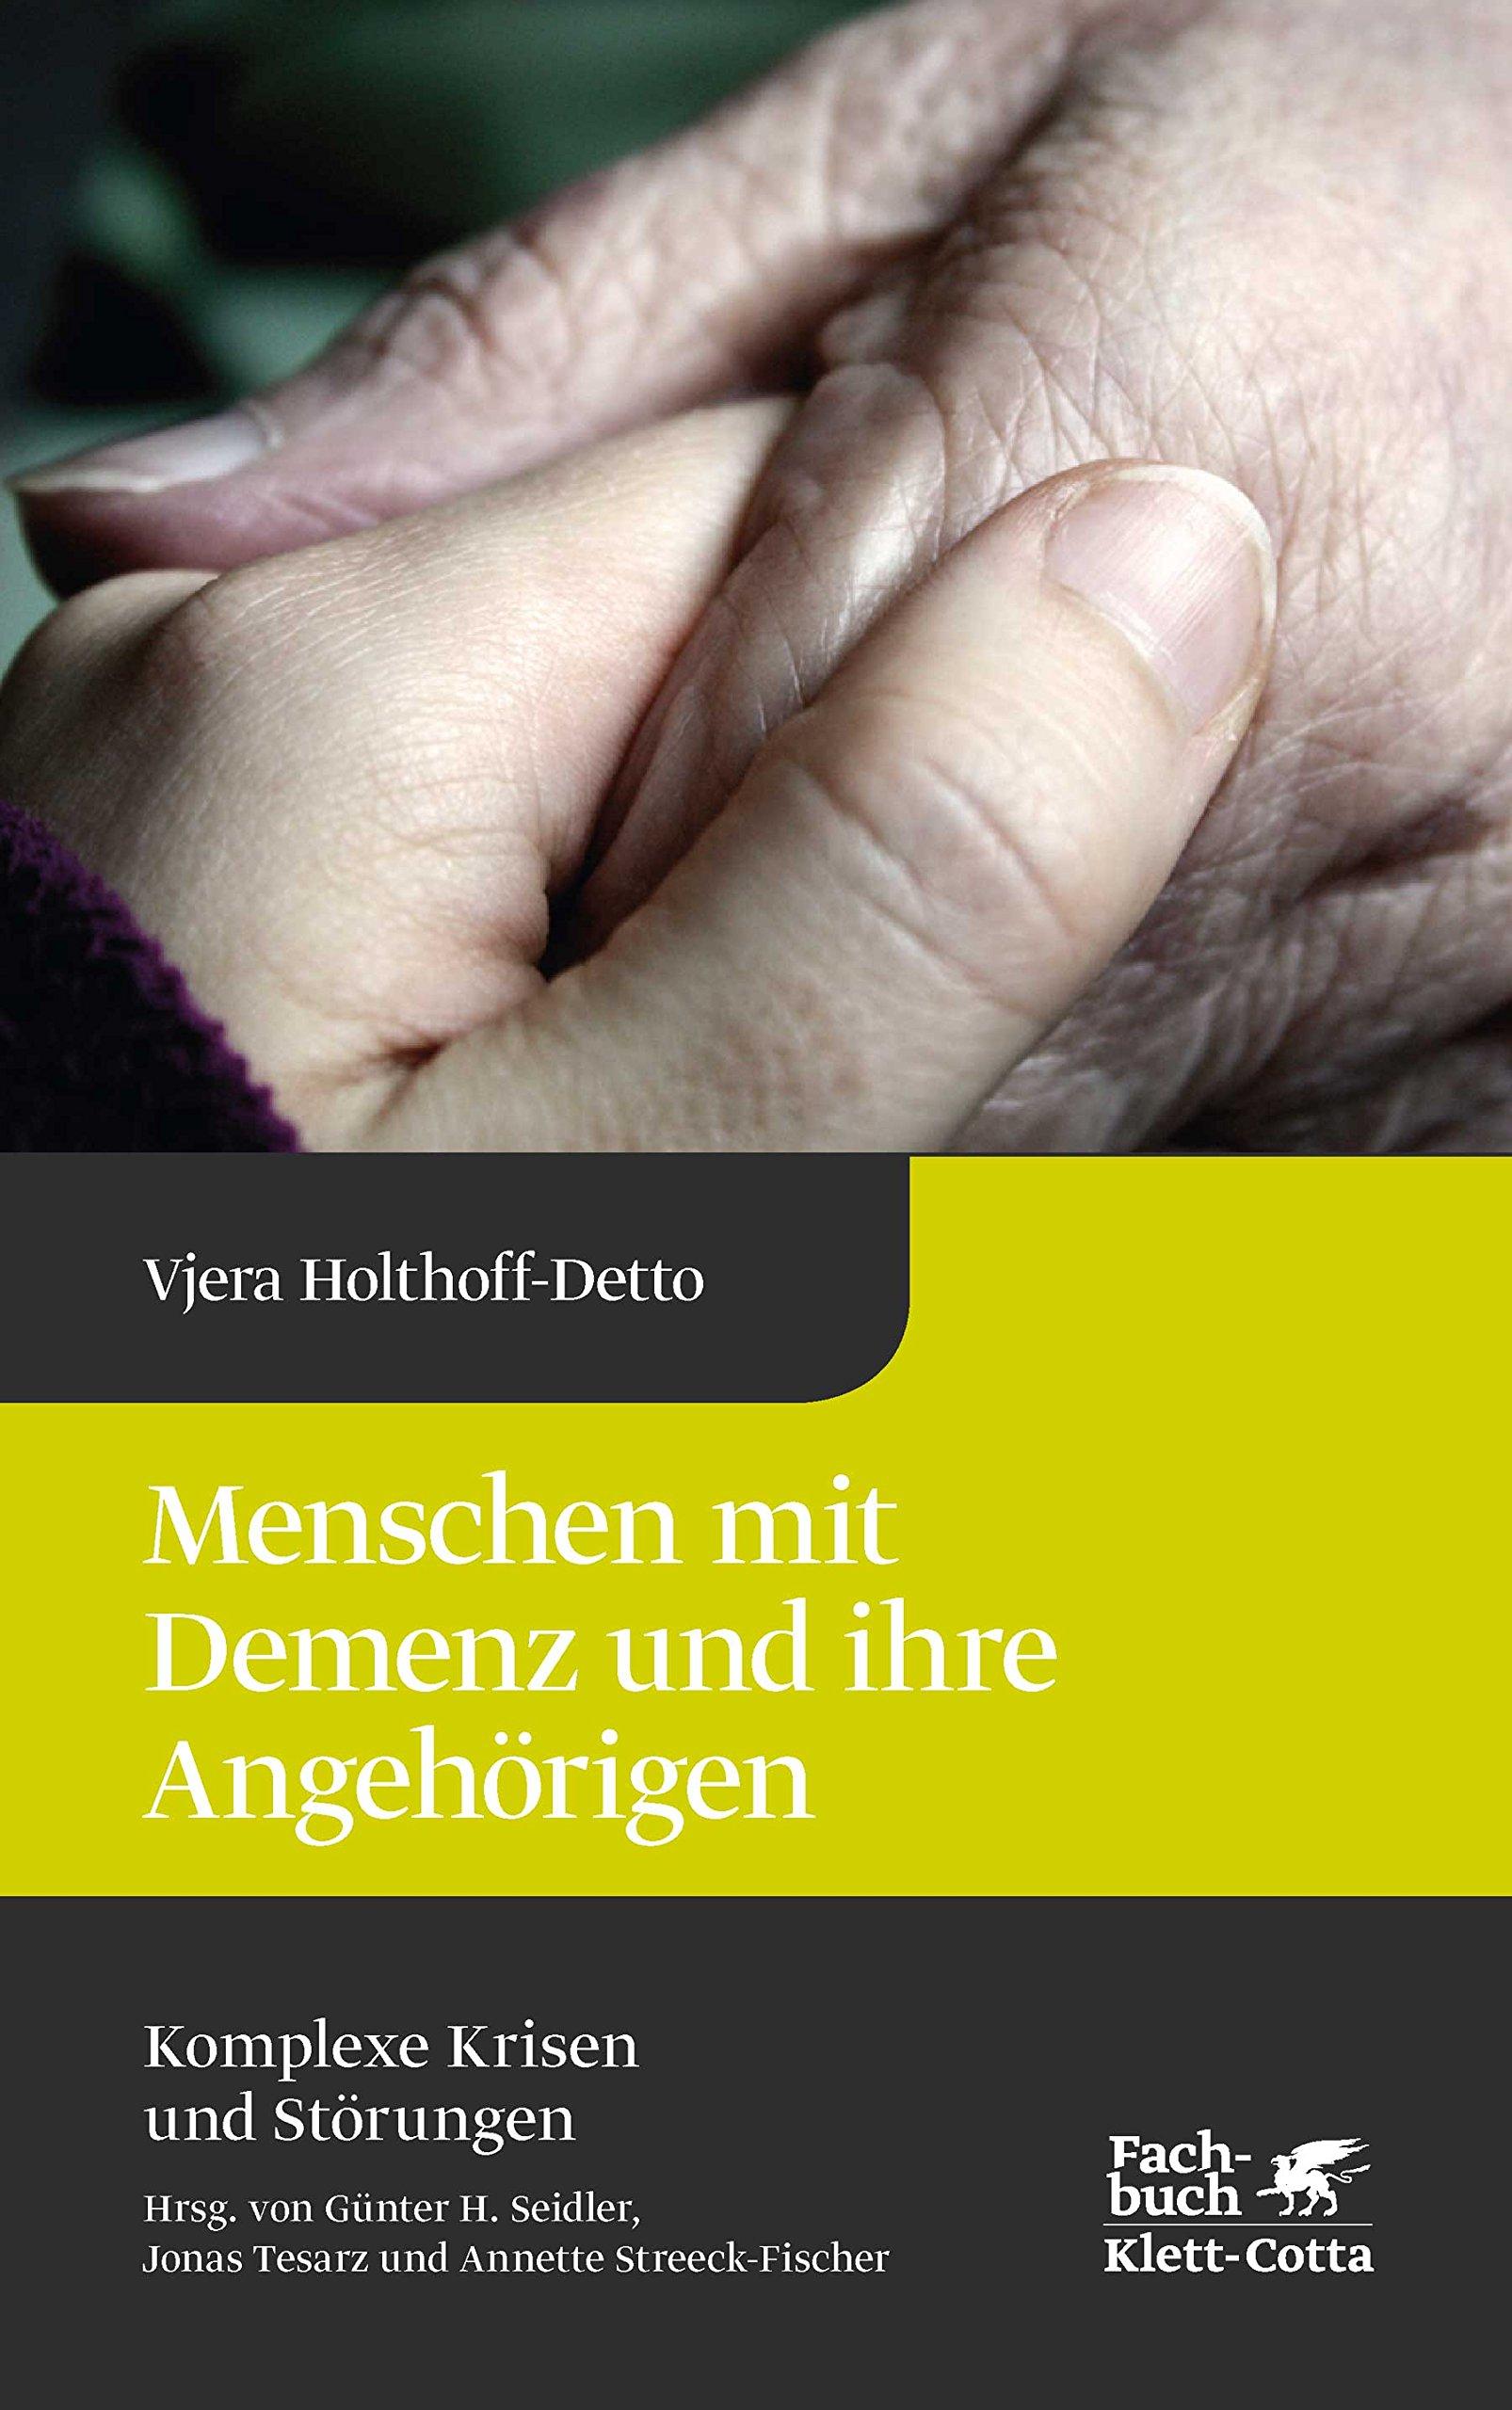 Menschen mit Demenz und ihre Angehörigen (Komplexe Krisen und Störungen)